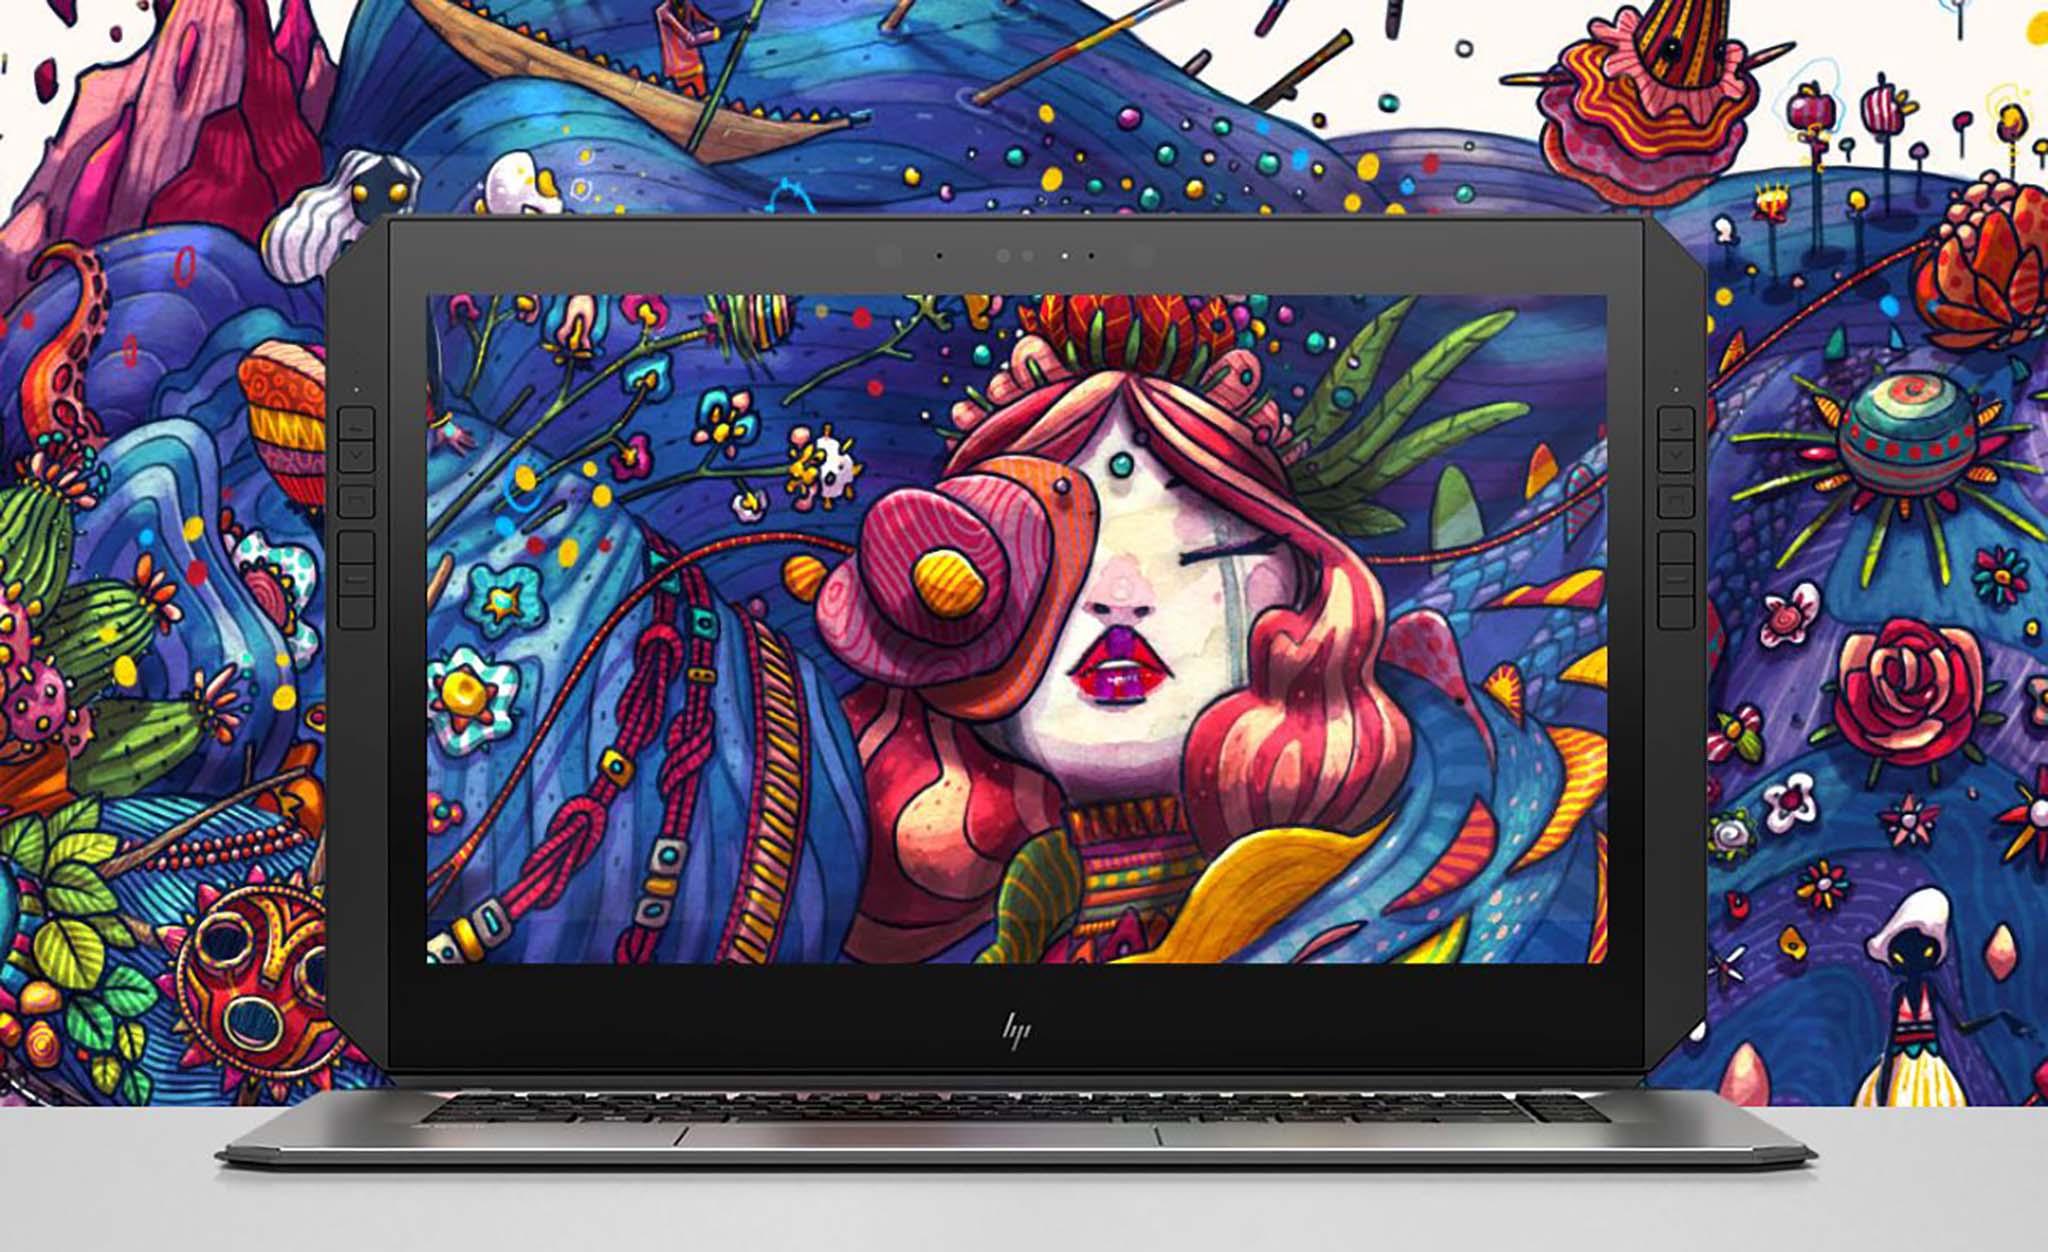 HP Zbook x2 6.jpg